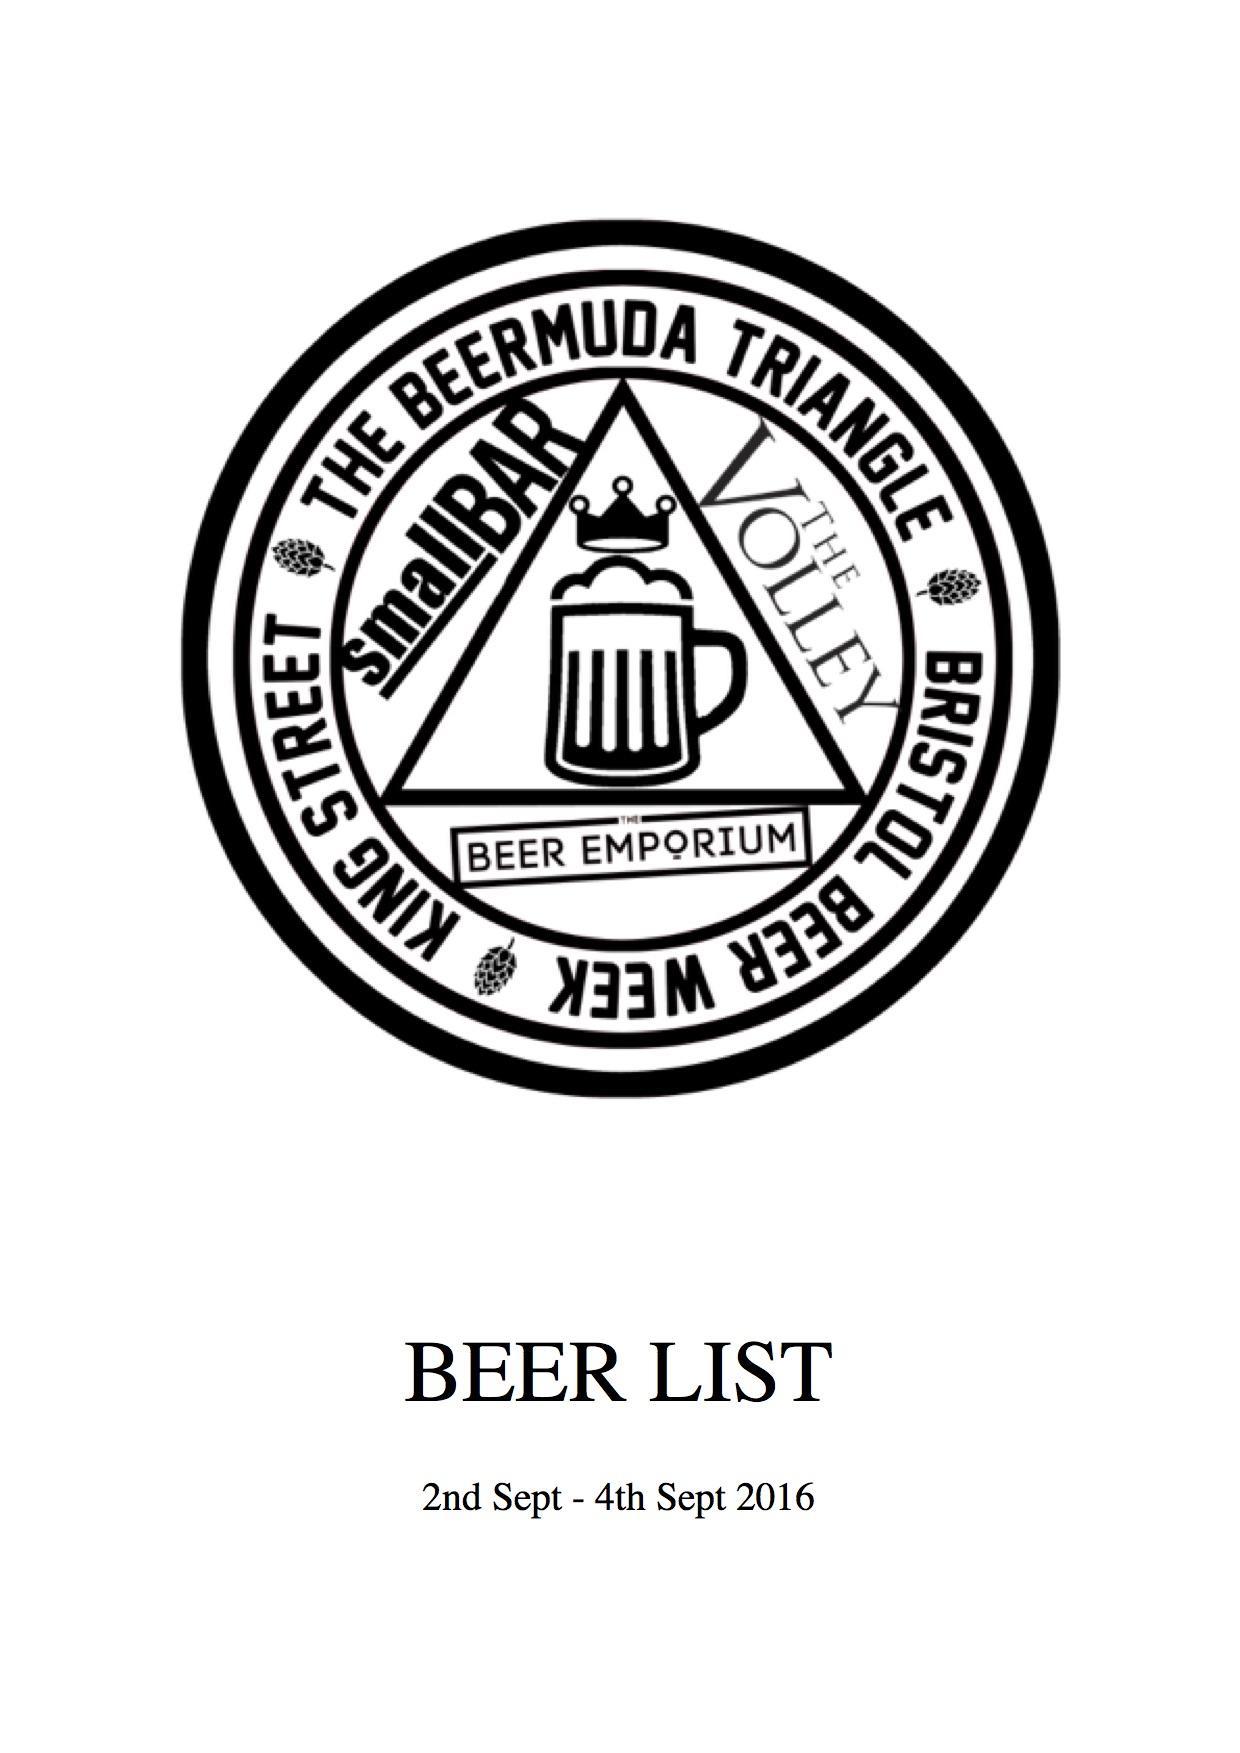 BBW BEERMUDA BEER LIST P1.jpg